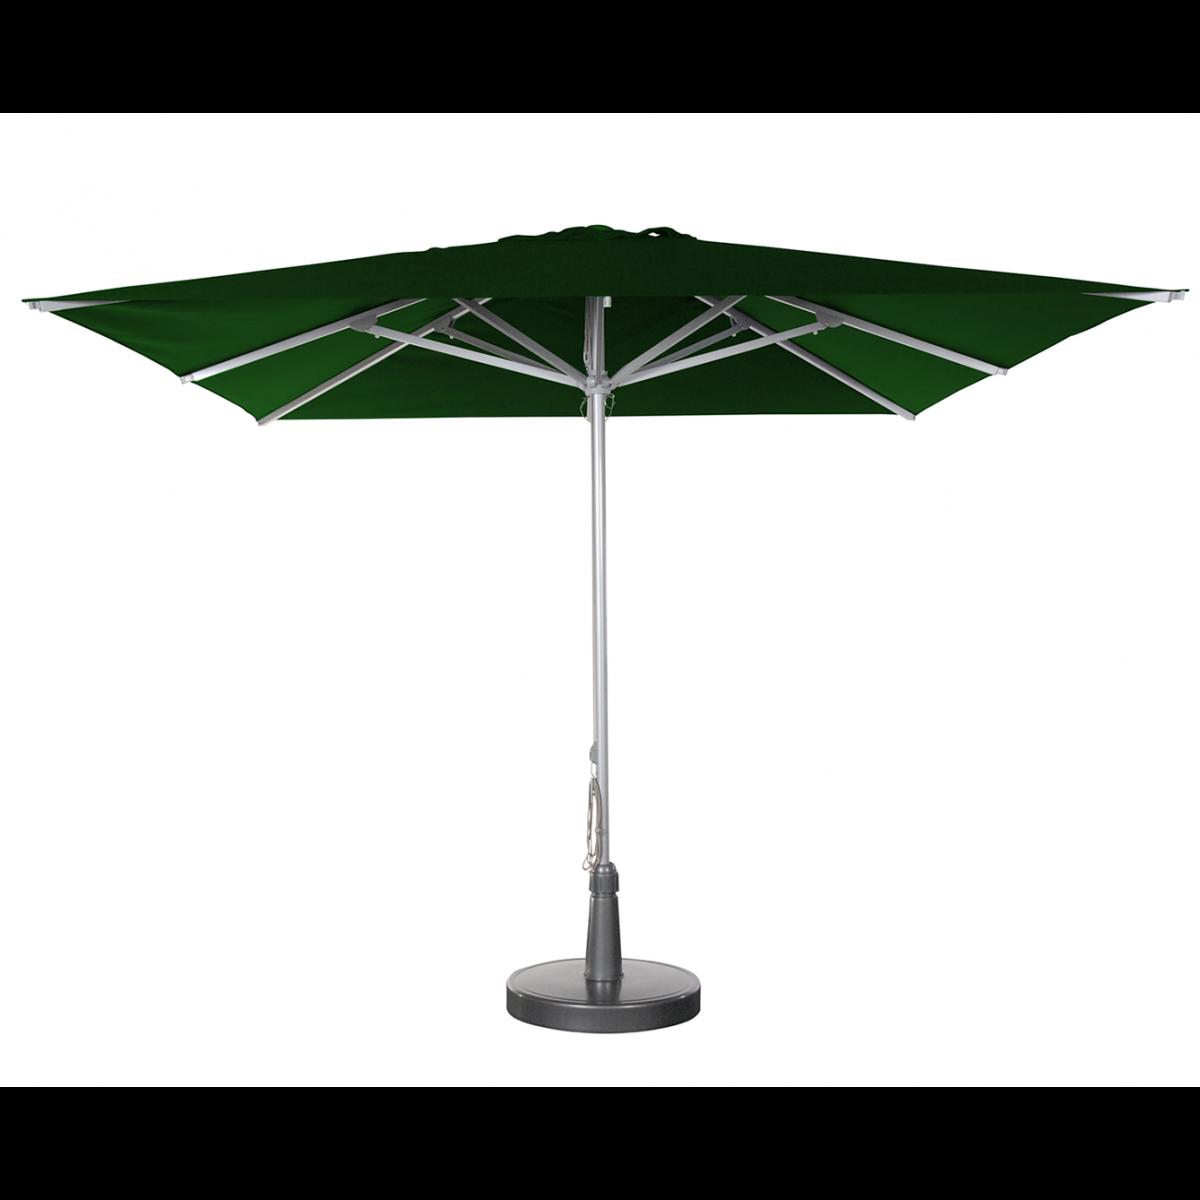 parasols_a_bosgroen2